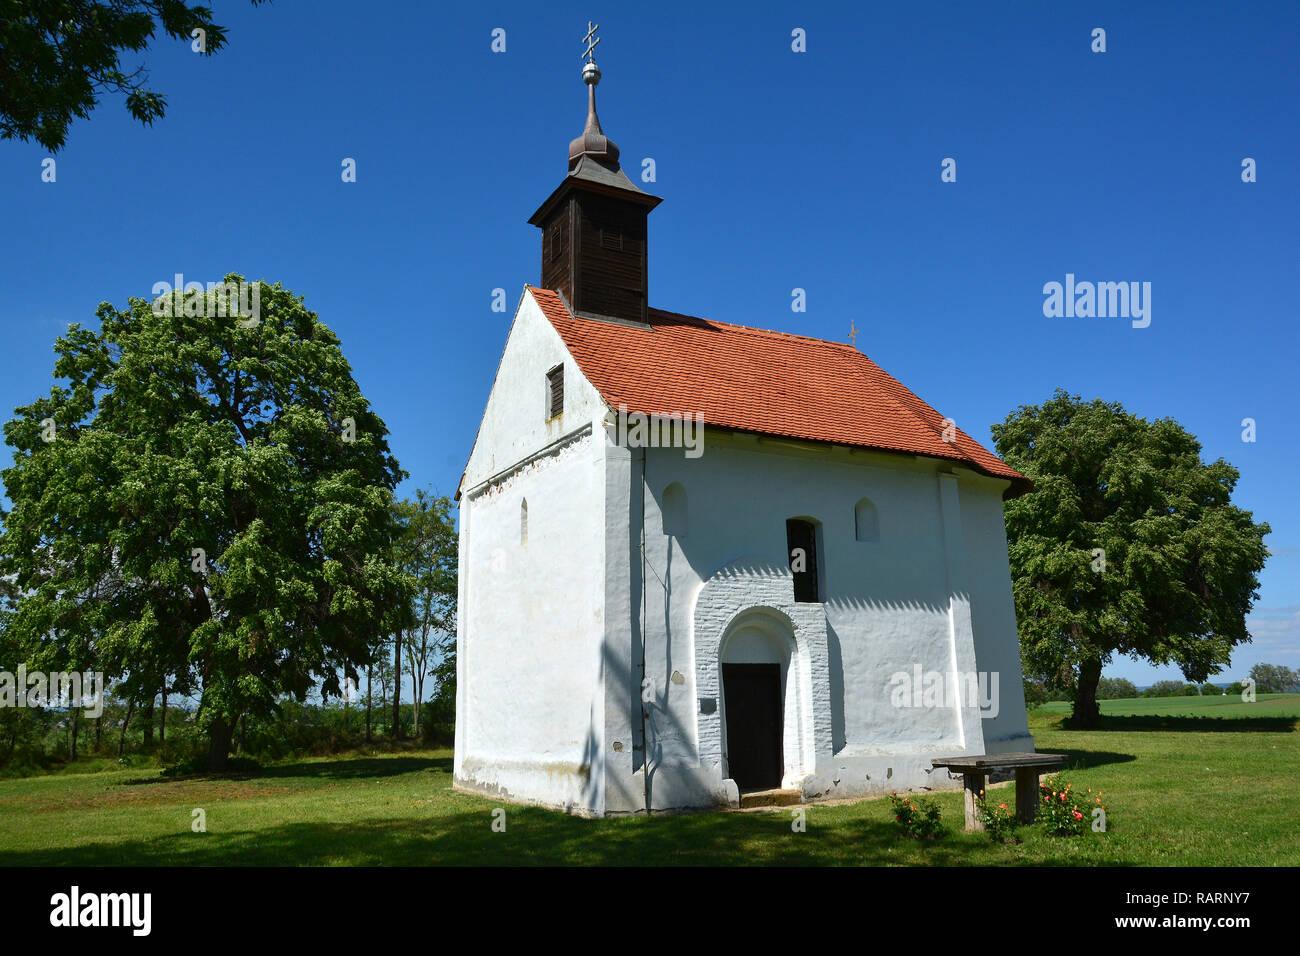 The white chapel in Buzsák. A fehér kápolna Buzsákon. - Stock Image